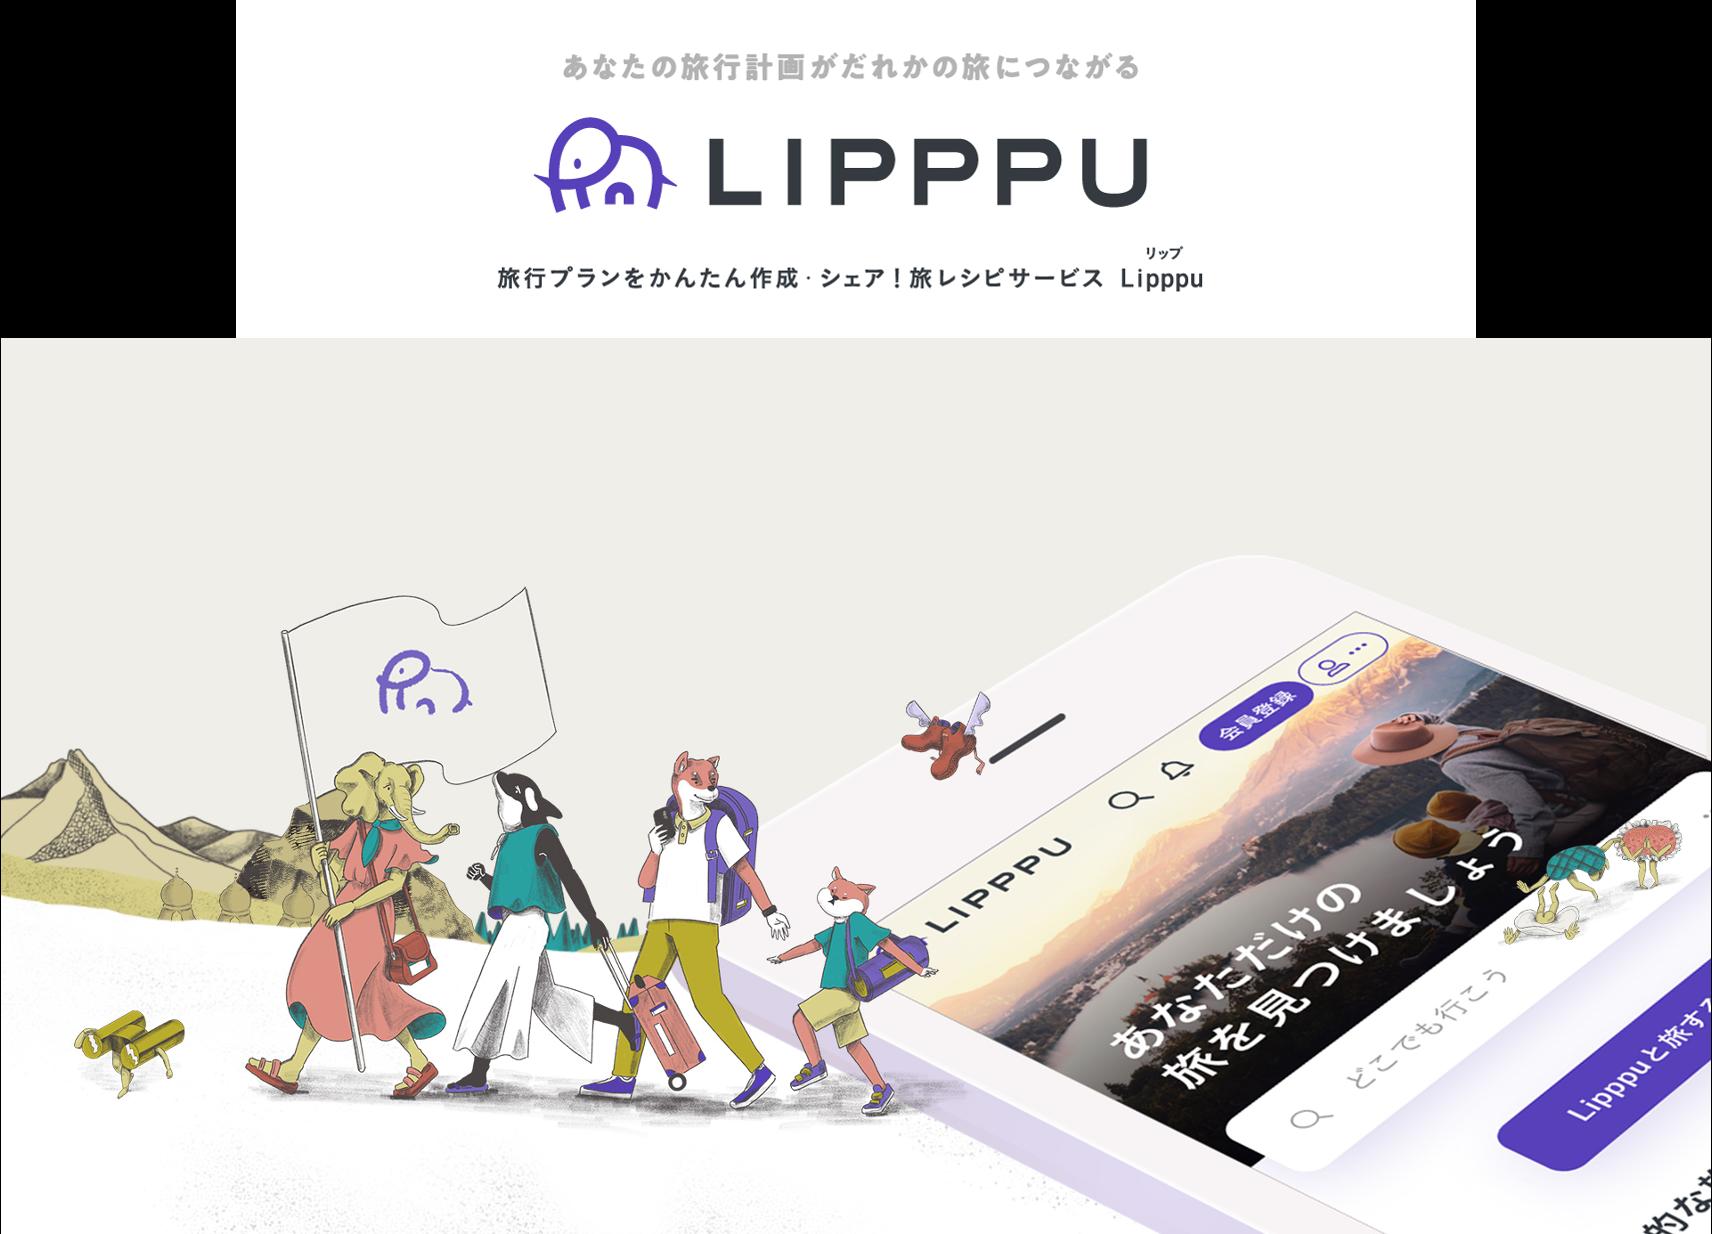 旅行プランをかんたん作成・シェア!旅レシピサービス『 Lipppu(リップ)』 本格サービス開始!ー抽選で QUO カード Pay が当たる投稿キャンペーン実施中ー